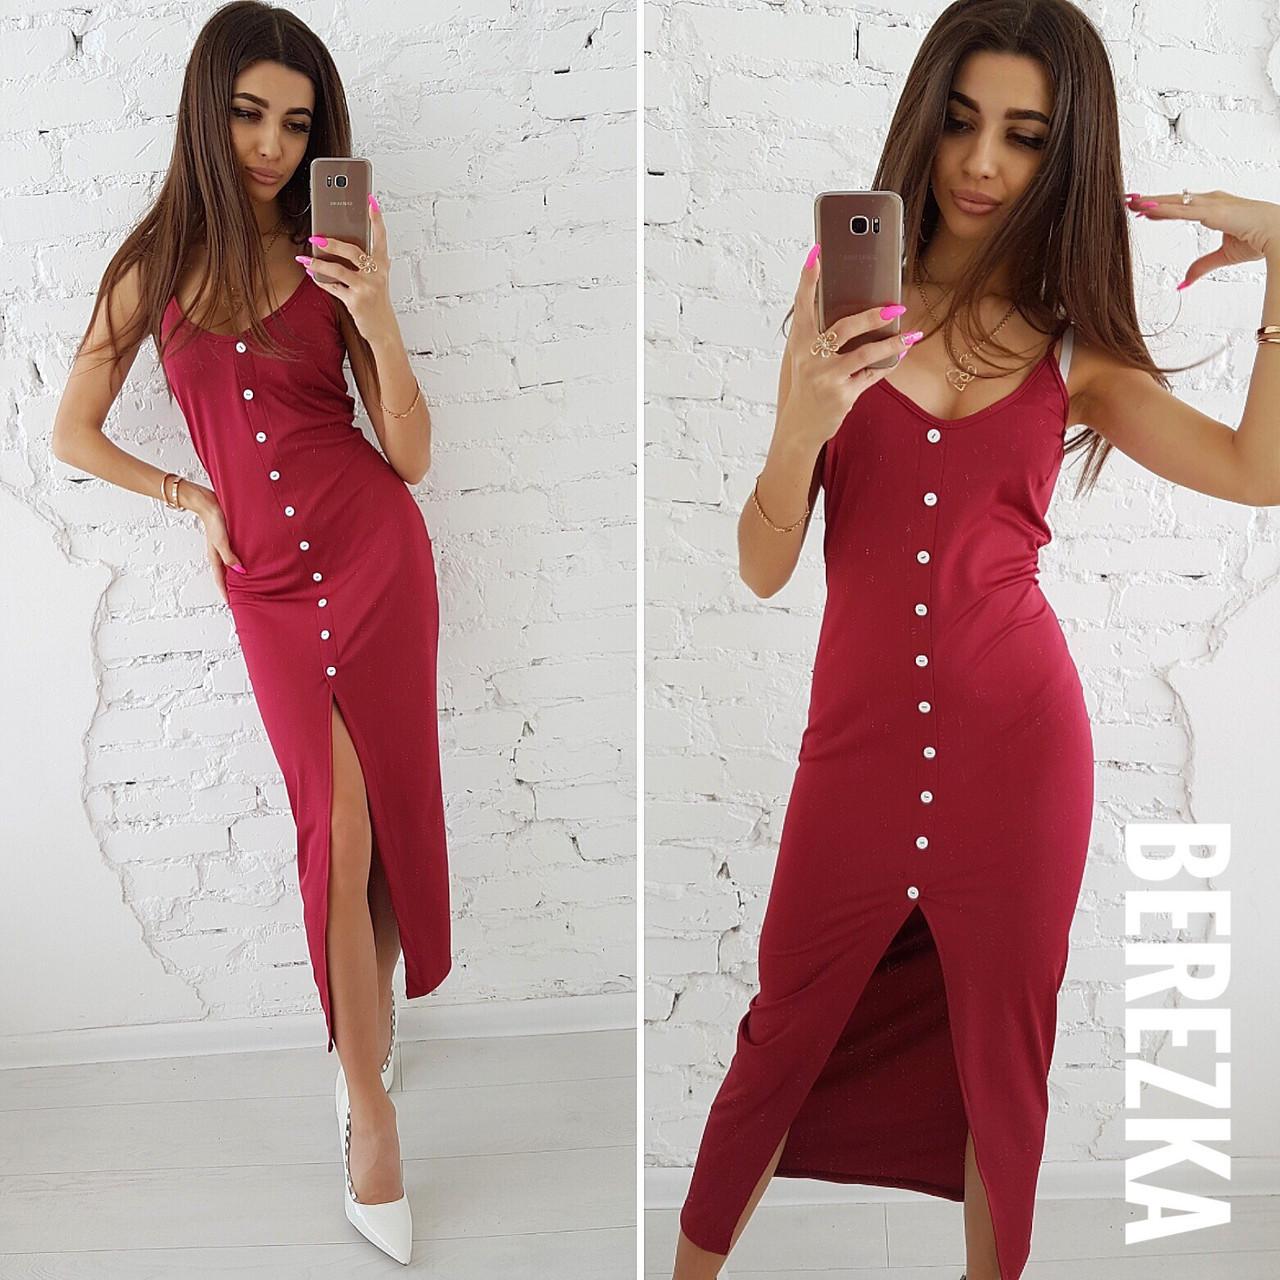 ff3c6469937 Купить Облегающее платье миди с разрезом спереди и на бретельках ...